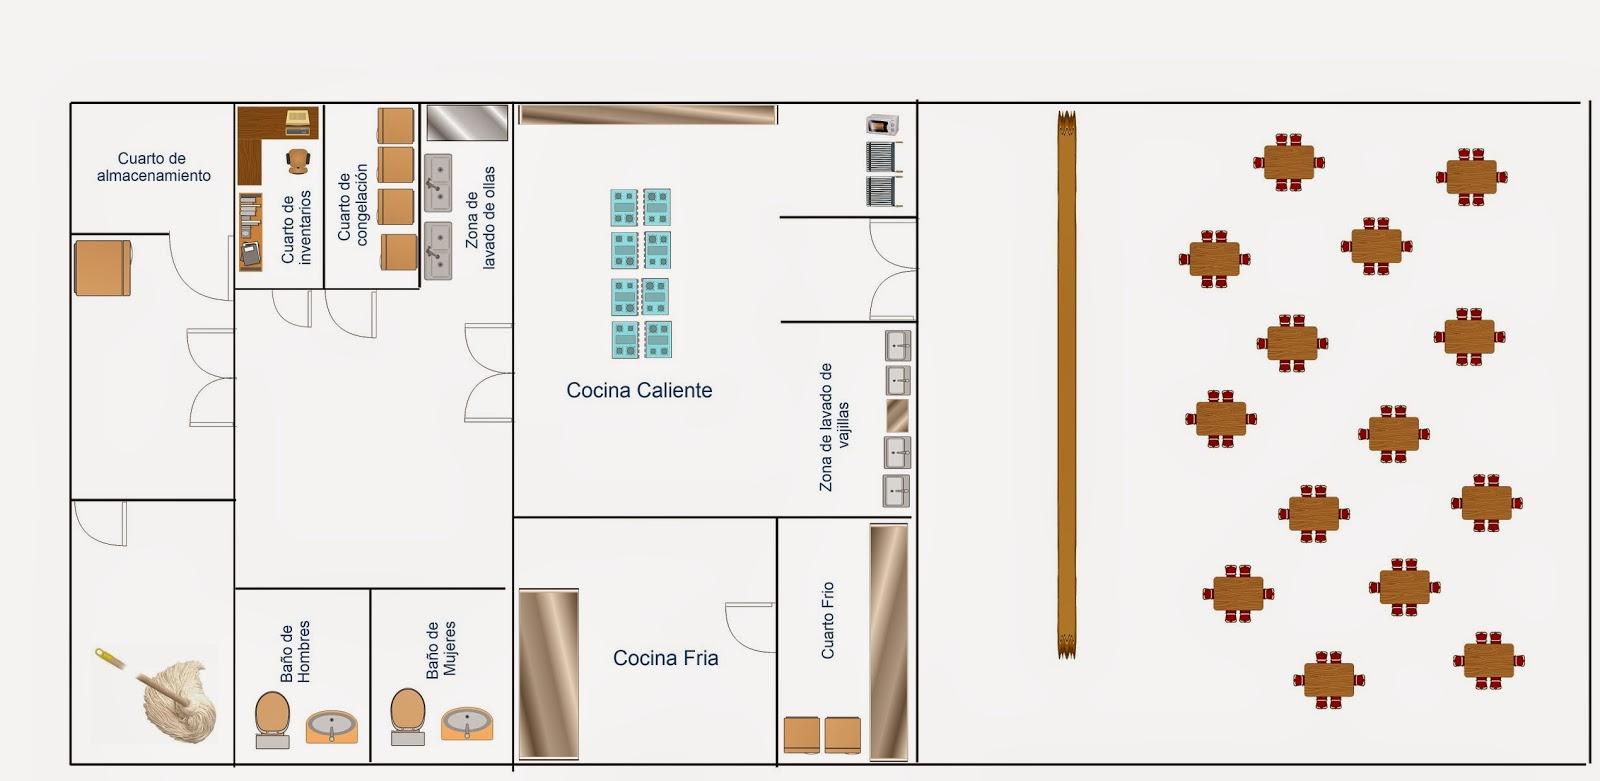 Floor Plan Of Office 193 Reas De Un Restaurante Caso Umb Golf Club